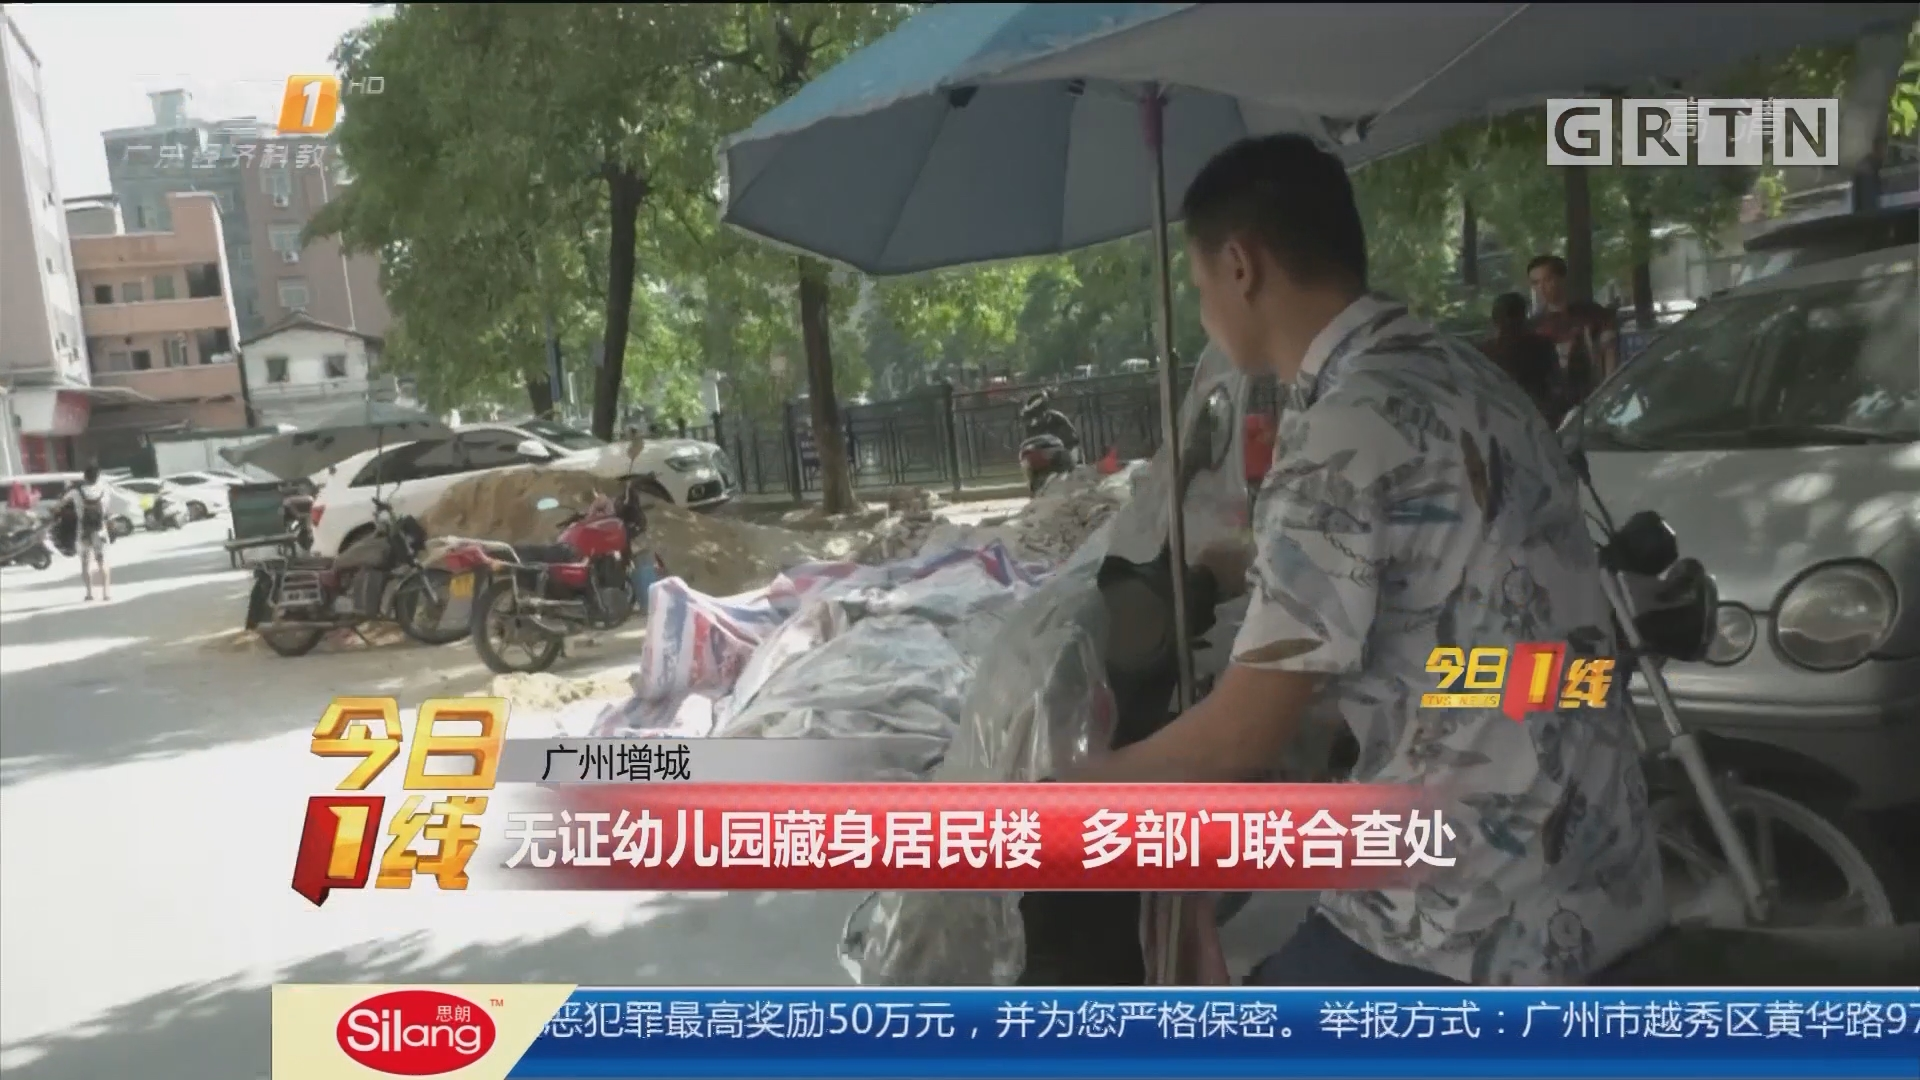 广州增城: 无证幼儿园藏身居民楼 多部门联合查处